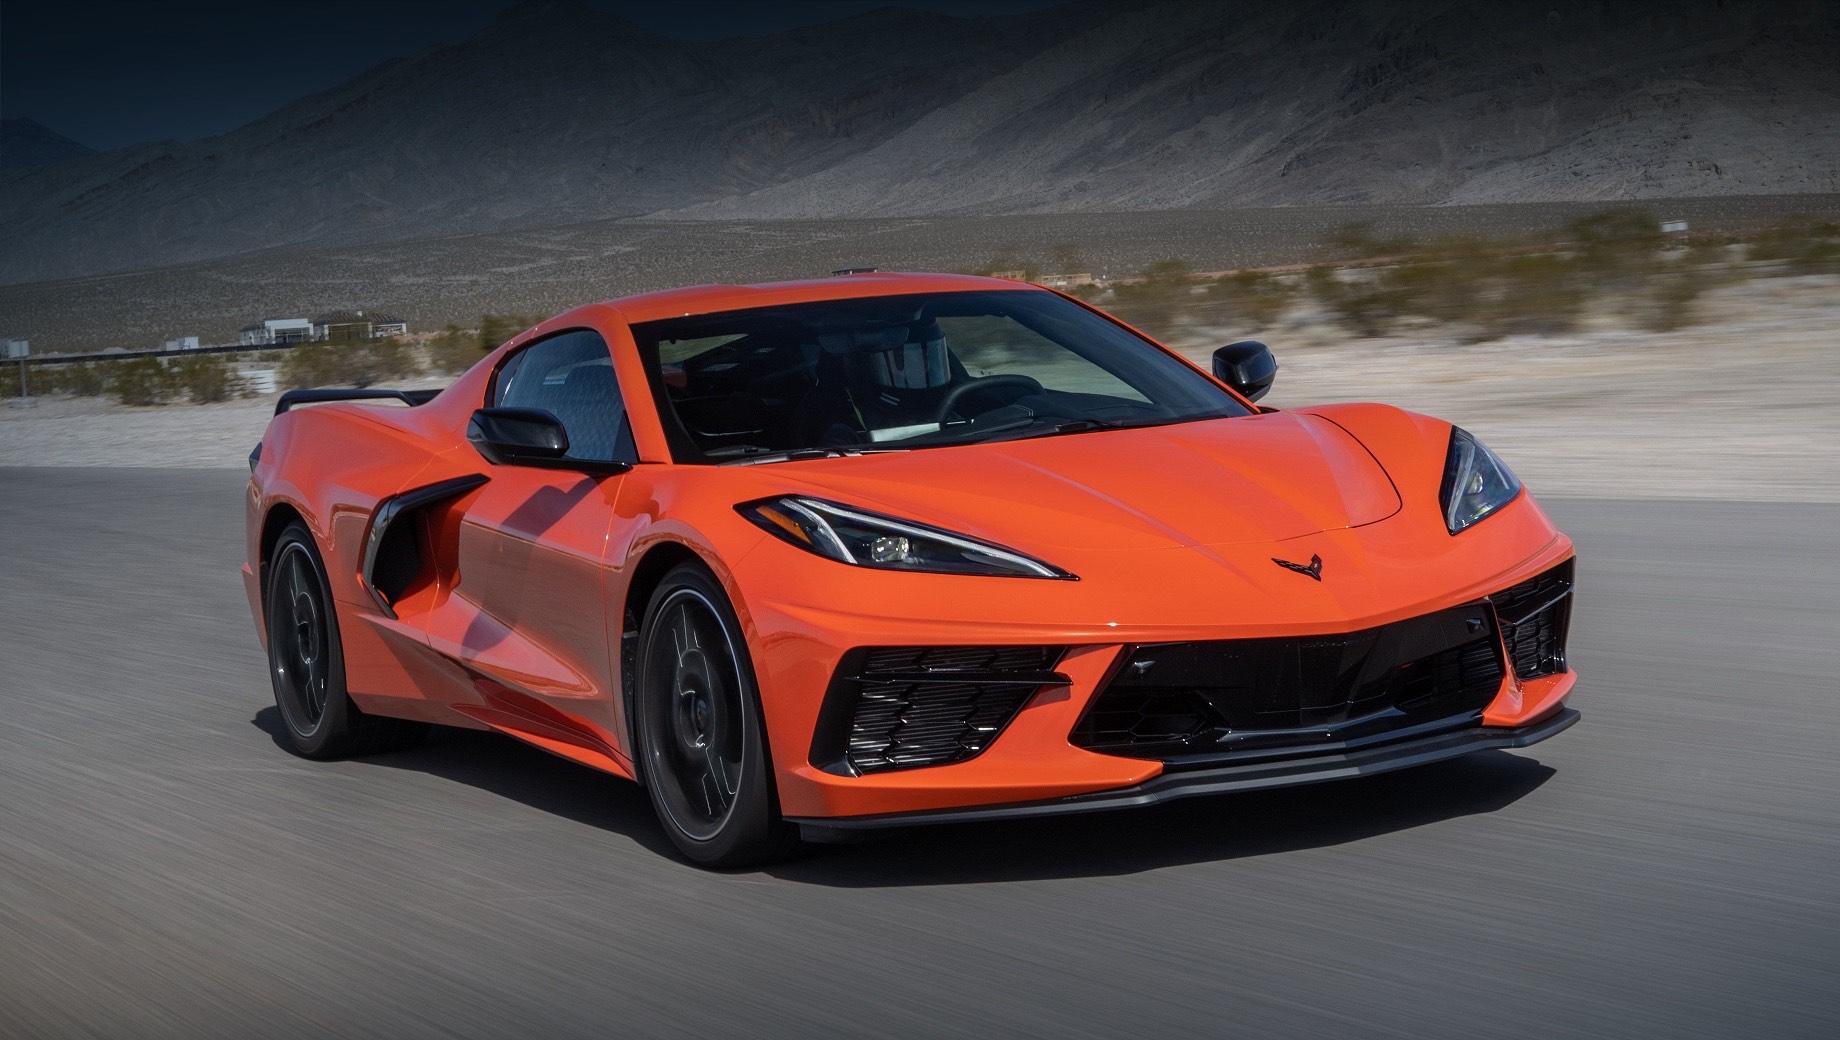 Производство спорткара Corvette C8 вновь приостановлено